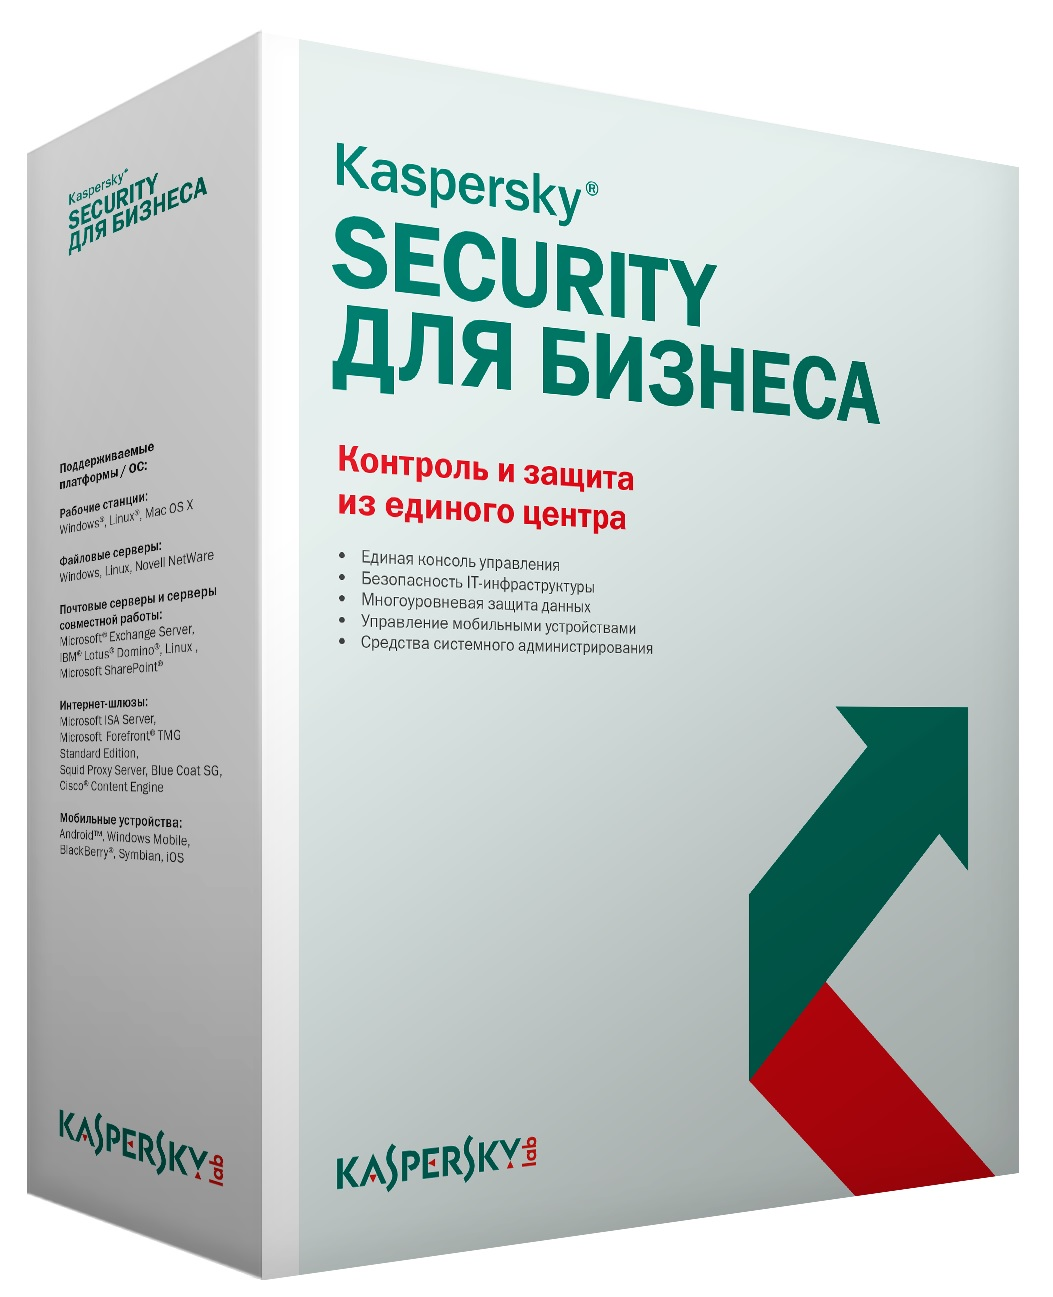 Kaspersky russian radio - fbae